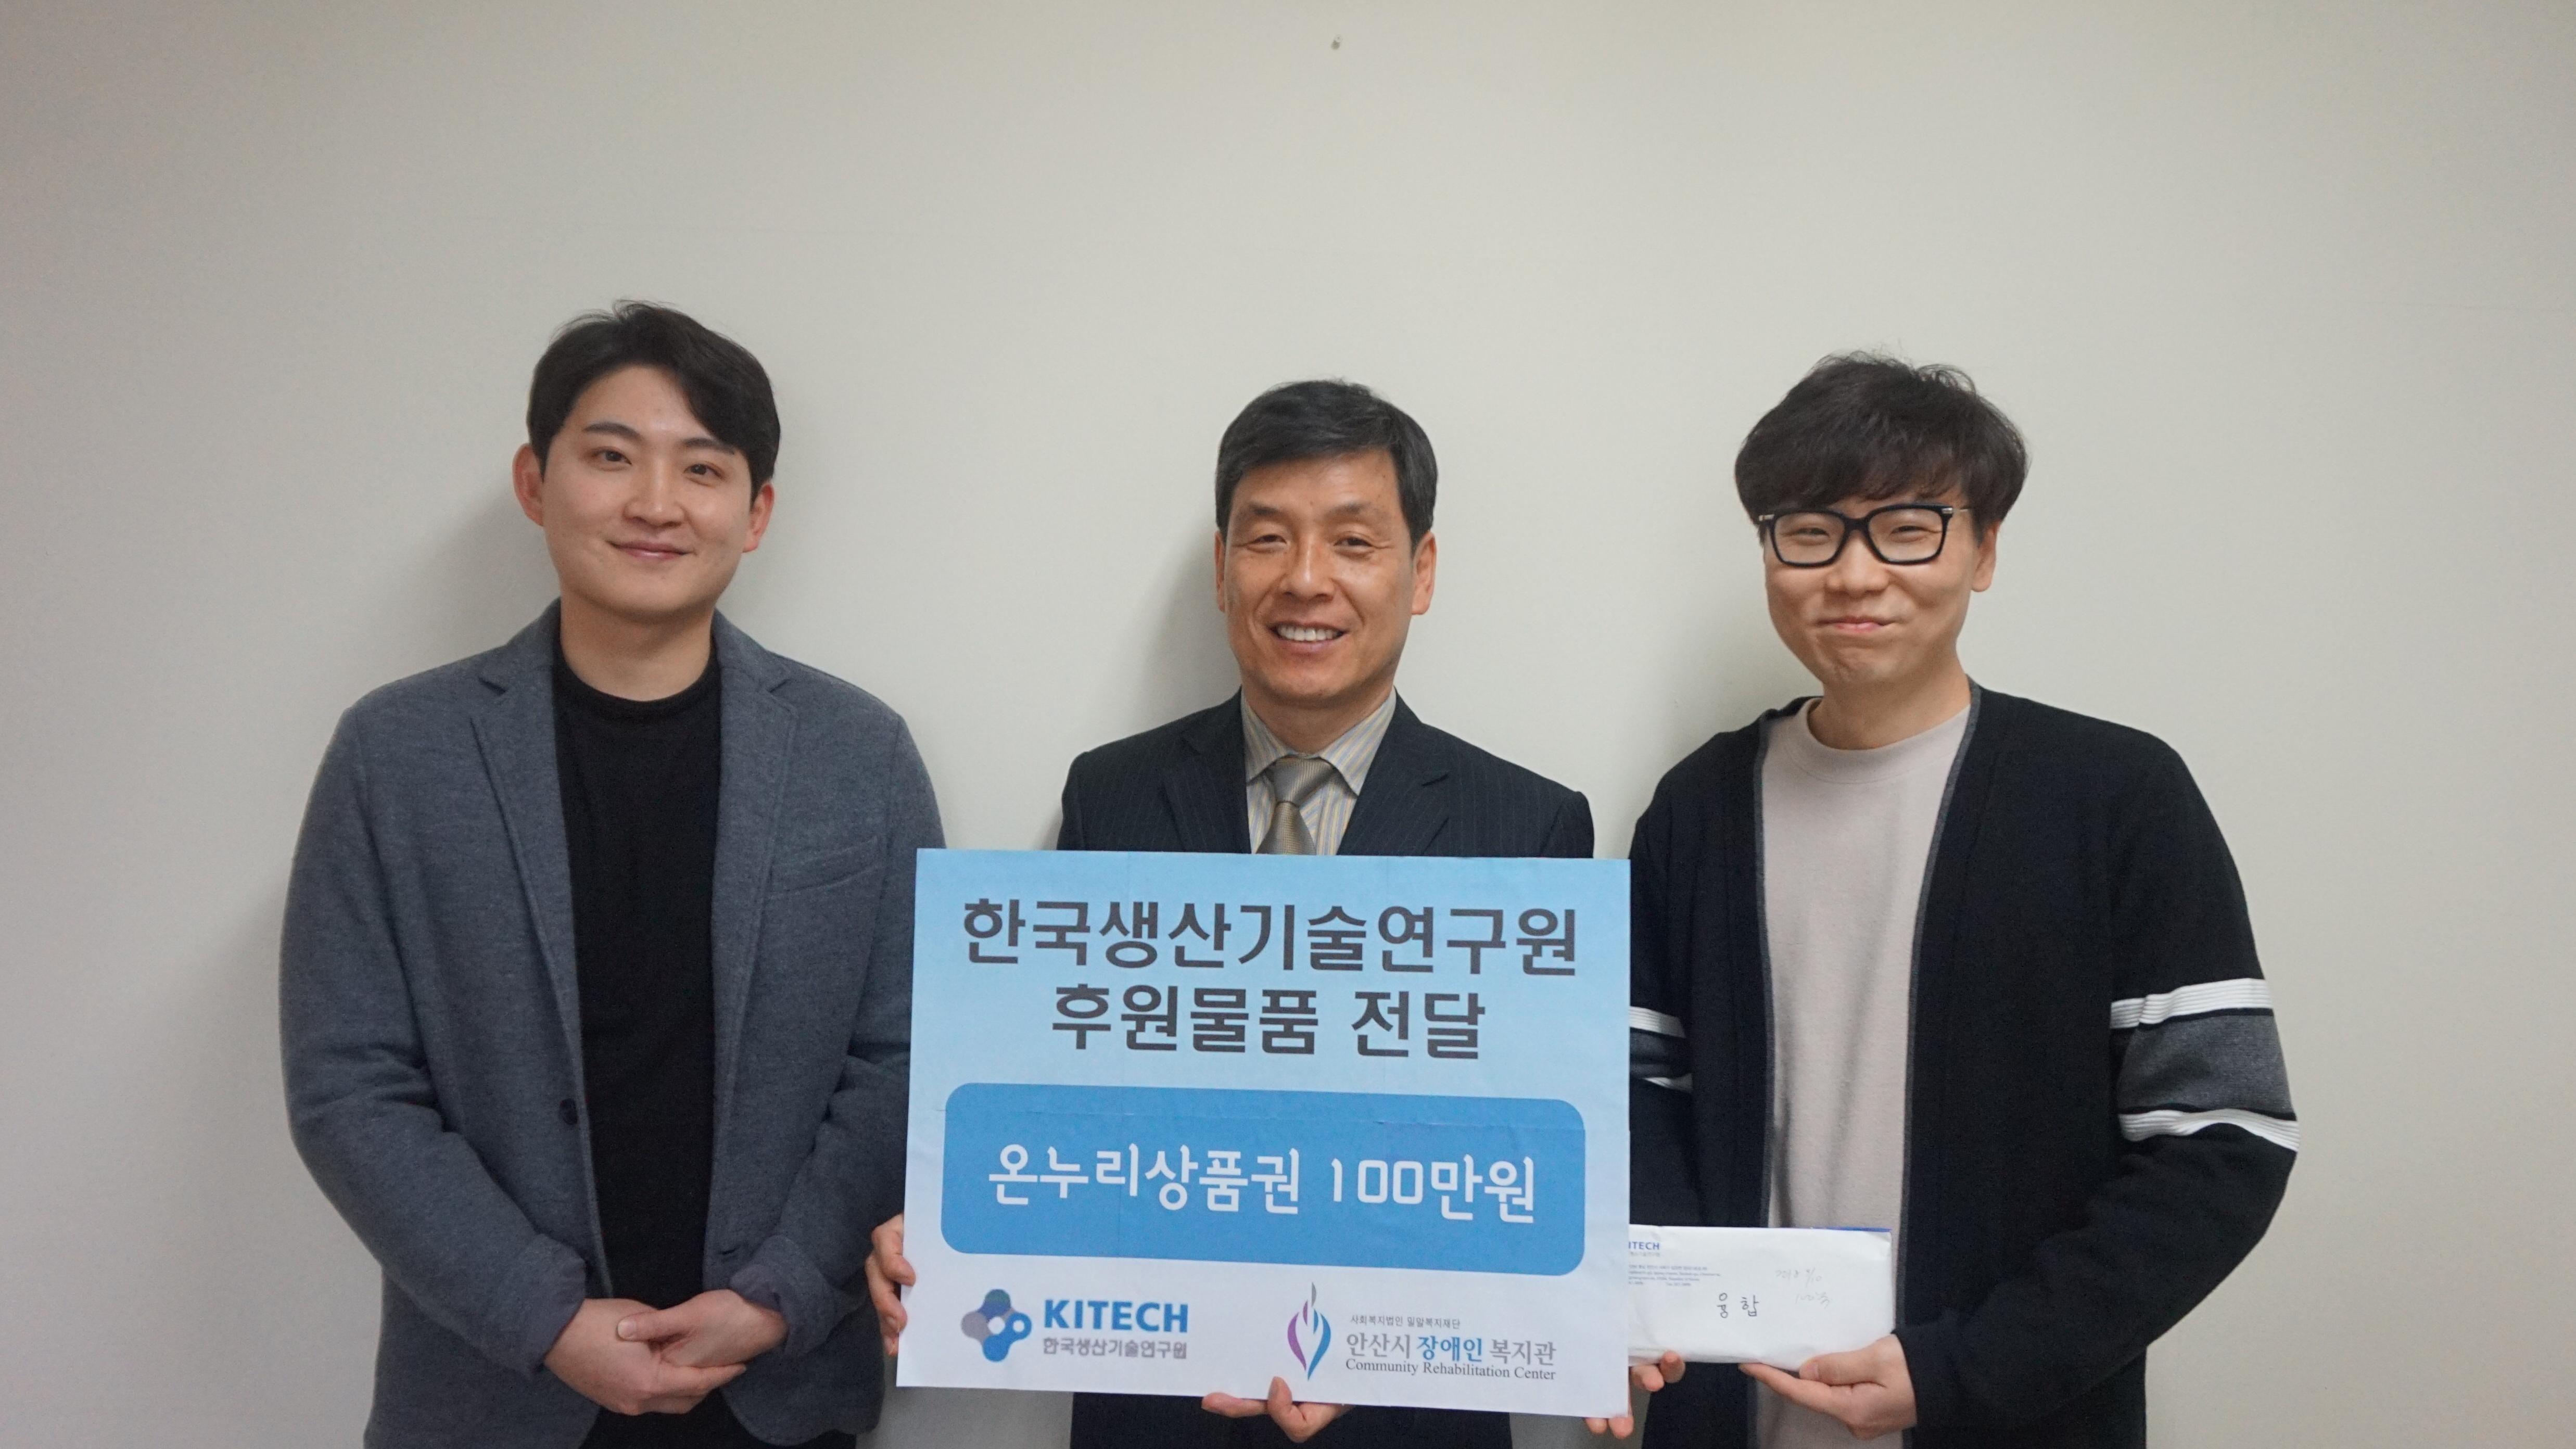 '한국생산기술연구원 후원물품 전달 - 온누리상품권 100만원' 후원금 전달식 세 명의 기념 사진